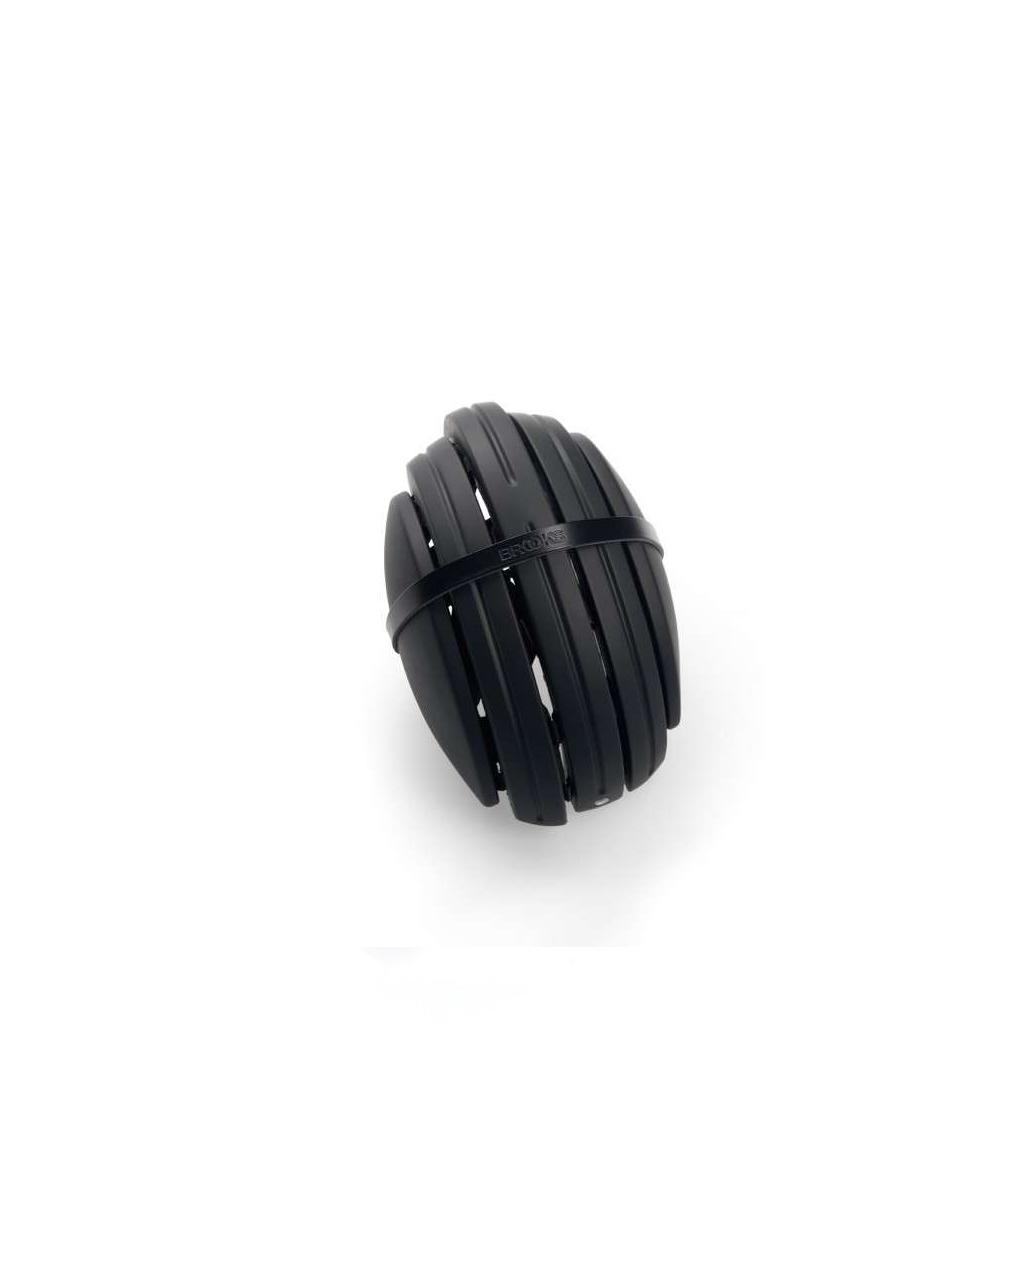 Brooks - Carrera Foldable Helmet - Black / Black